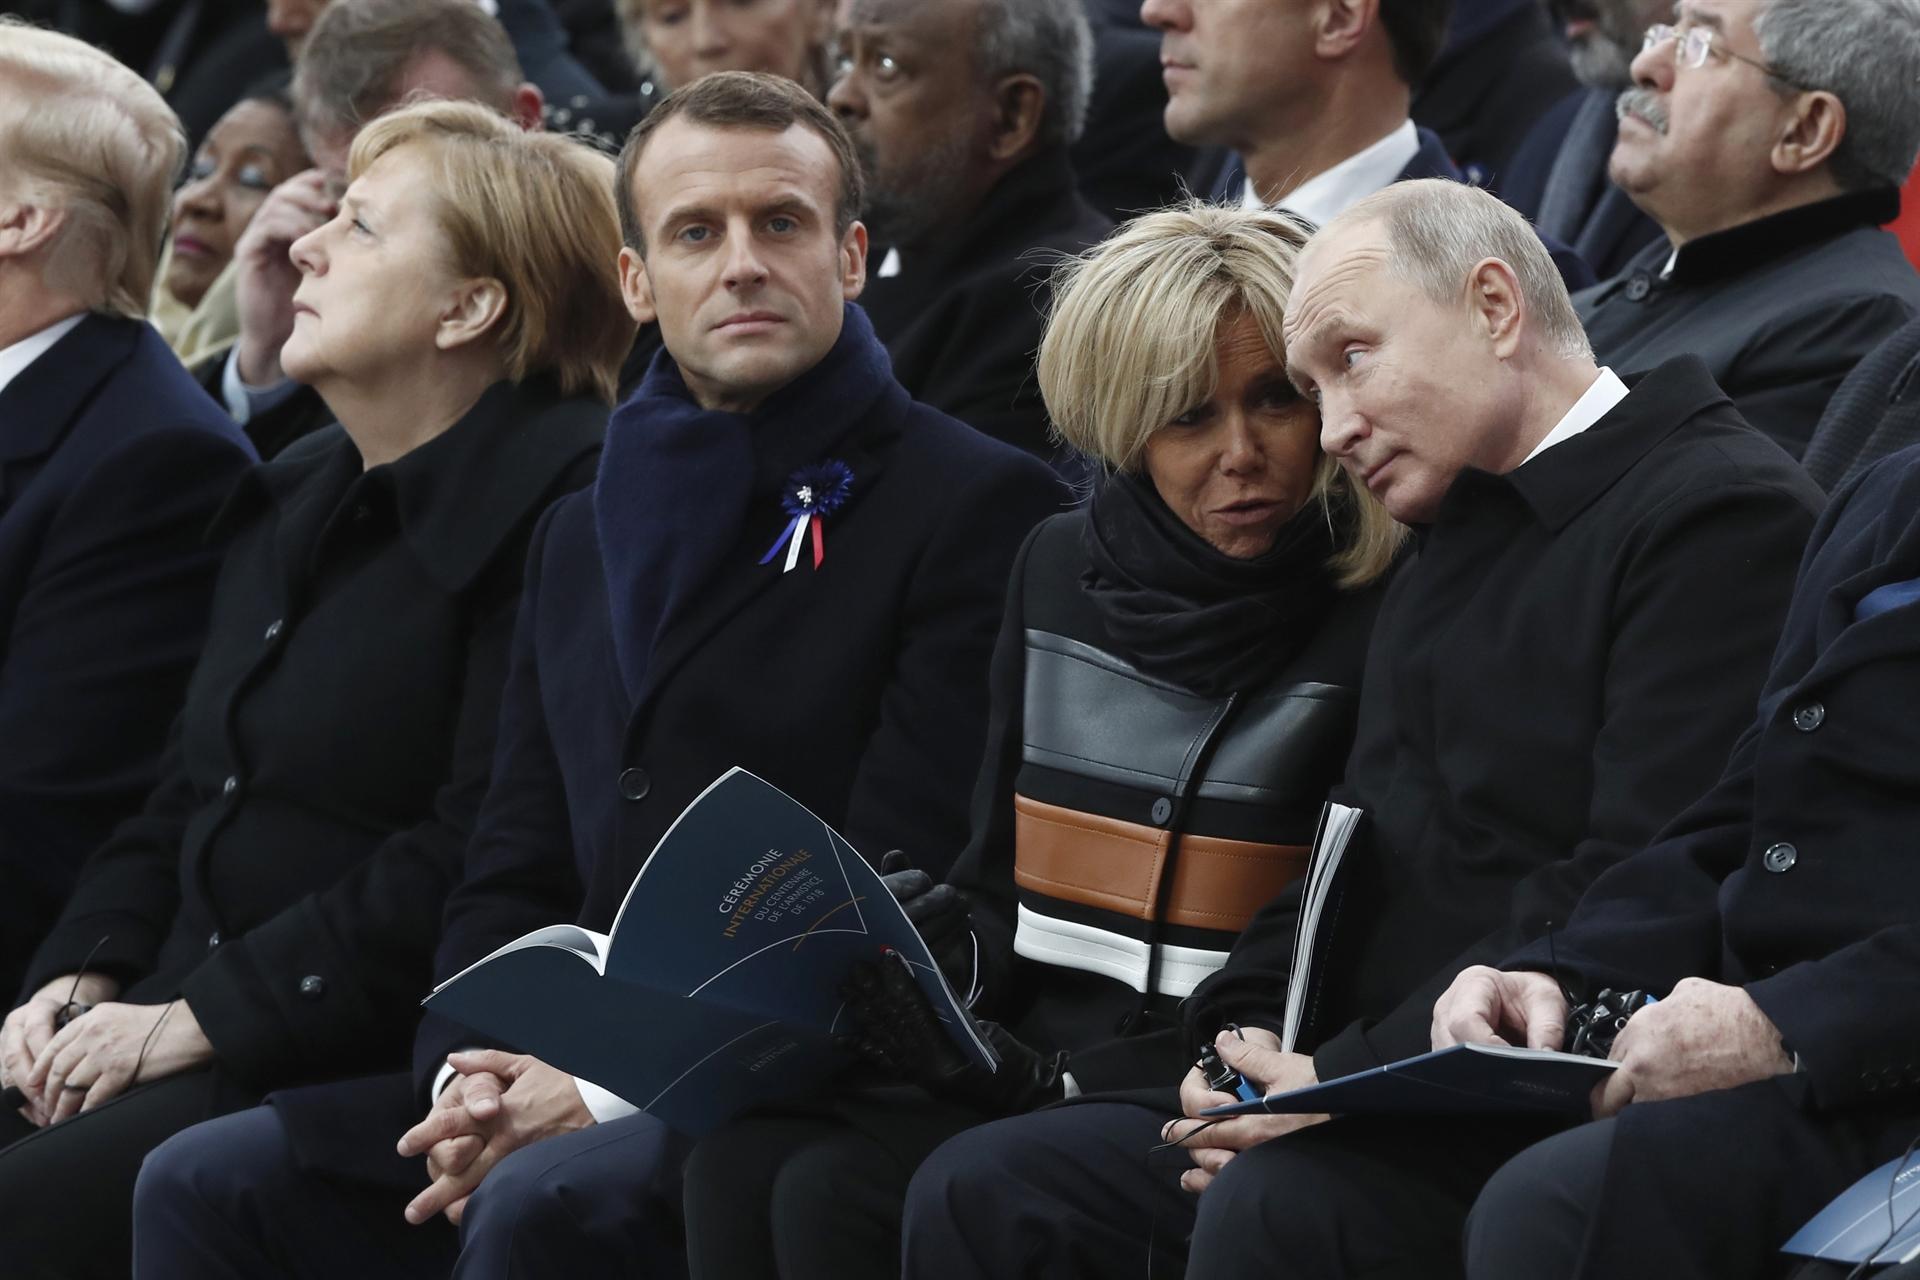 Президент Франції Емманюель Макрон, перша леді Франції Бріжит Макрон та президент Російської Федерації Володимир Путін AFP